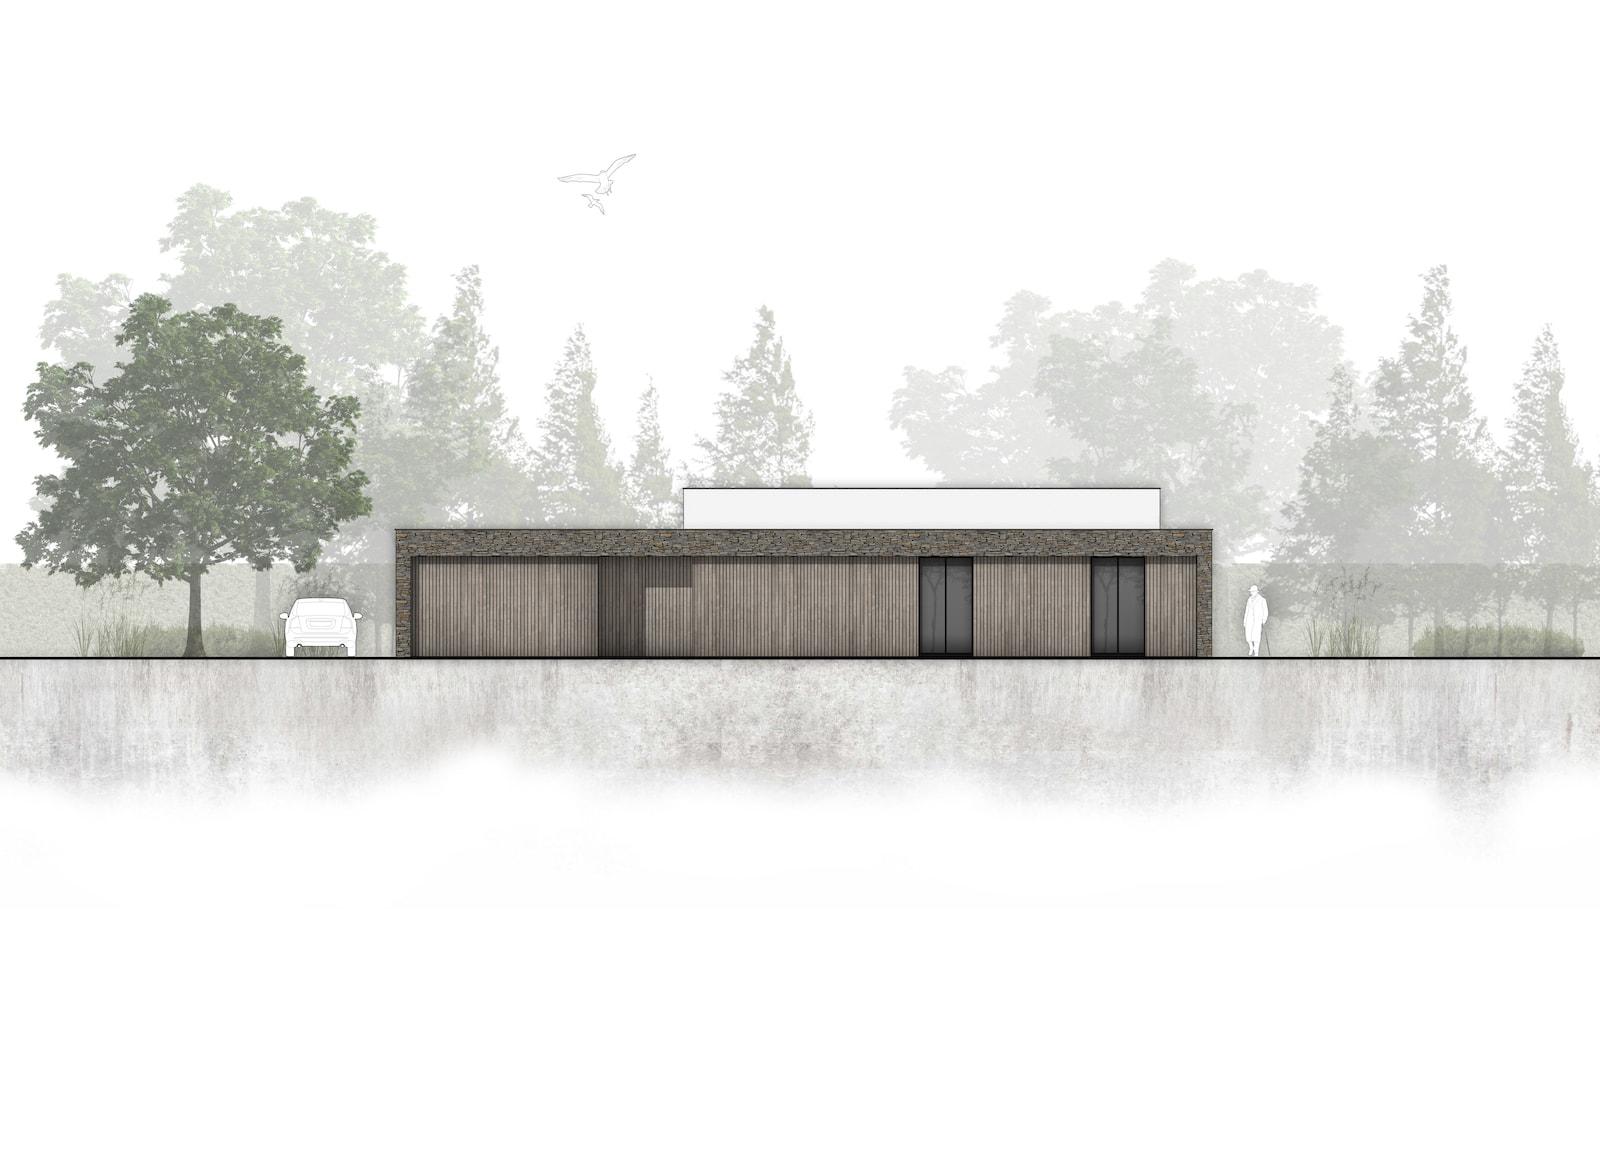 Nieuwbouw moderne bungalow in zichtwerk natuurgevelsteen en gevelstukwerk in Breda